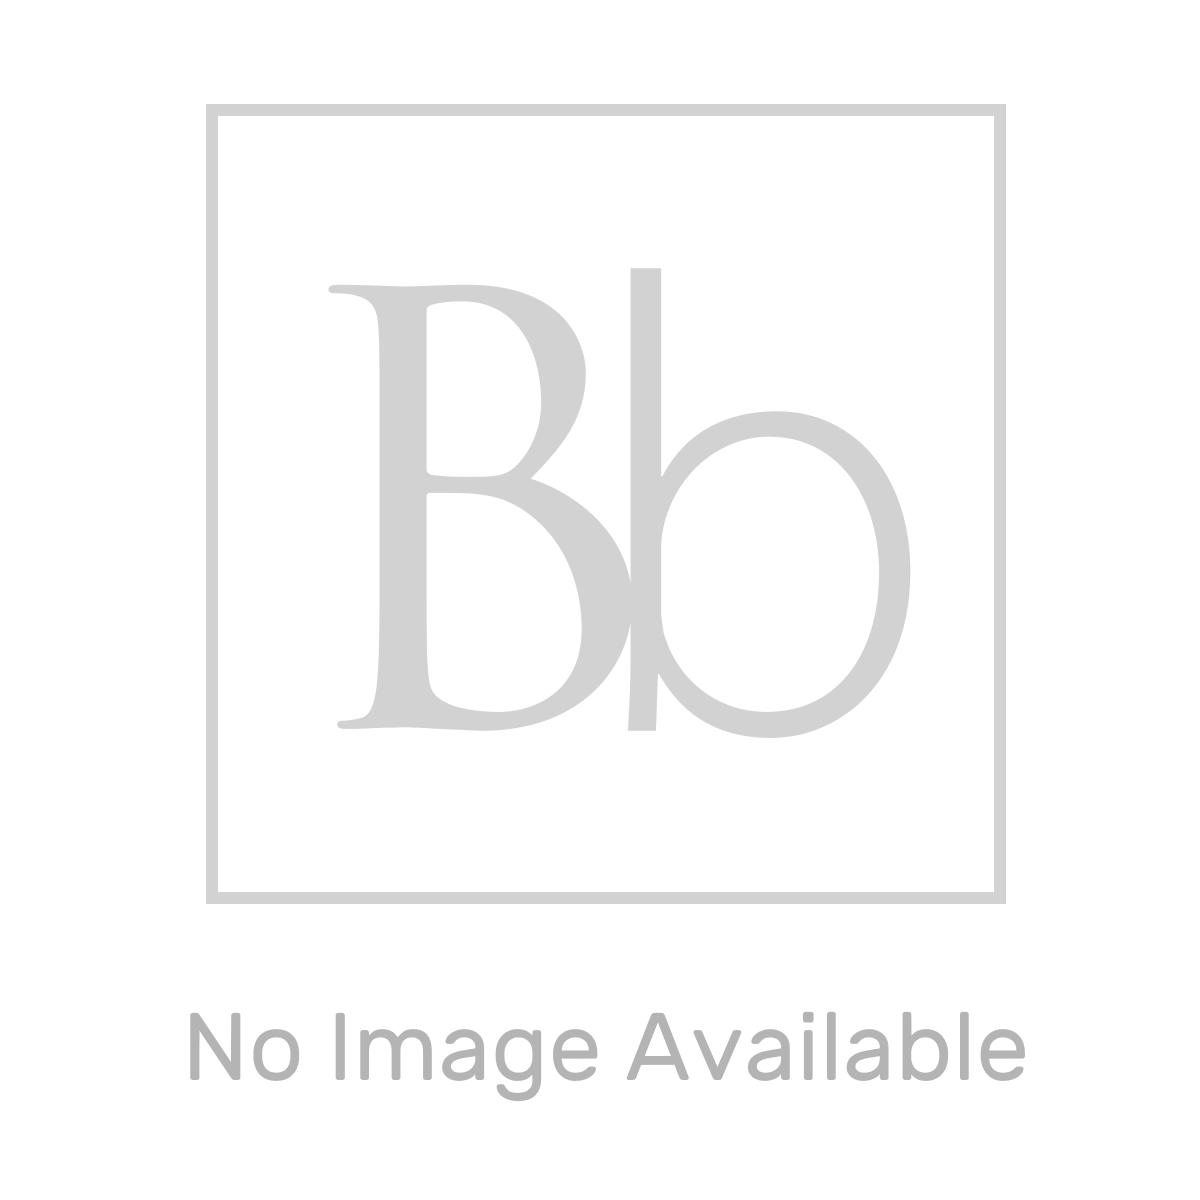 Elation Kiyo Indigo Vanity Unit 1100mm